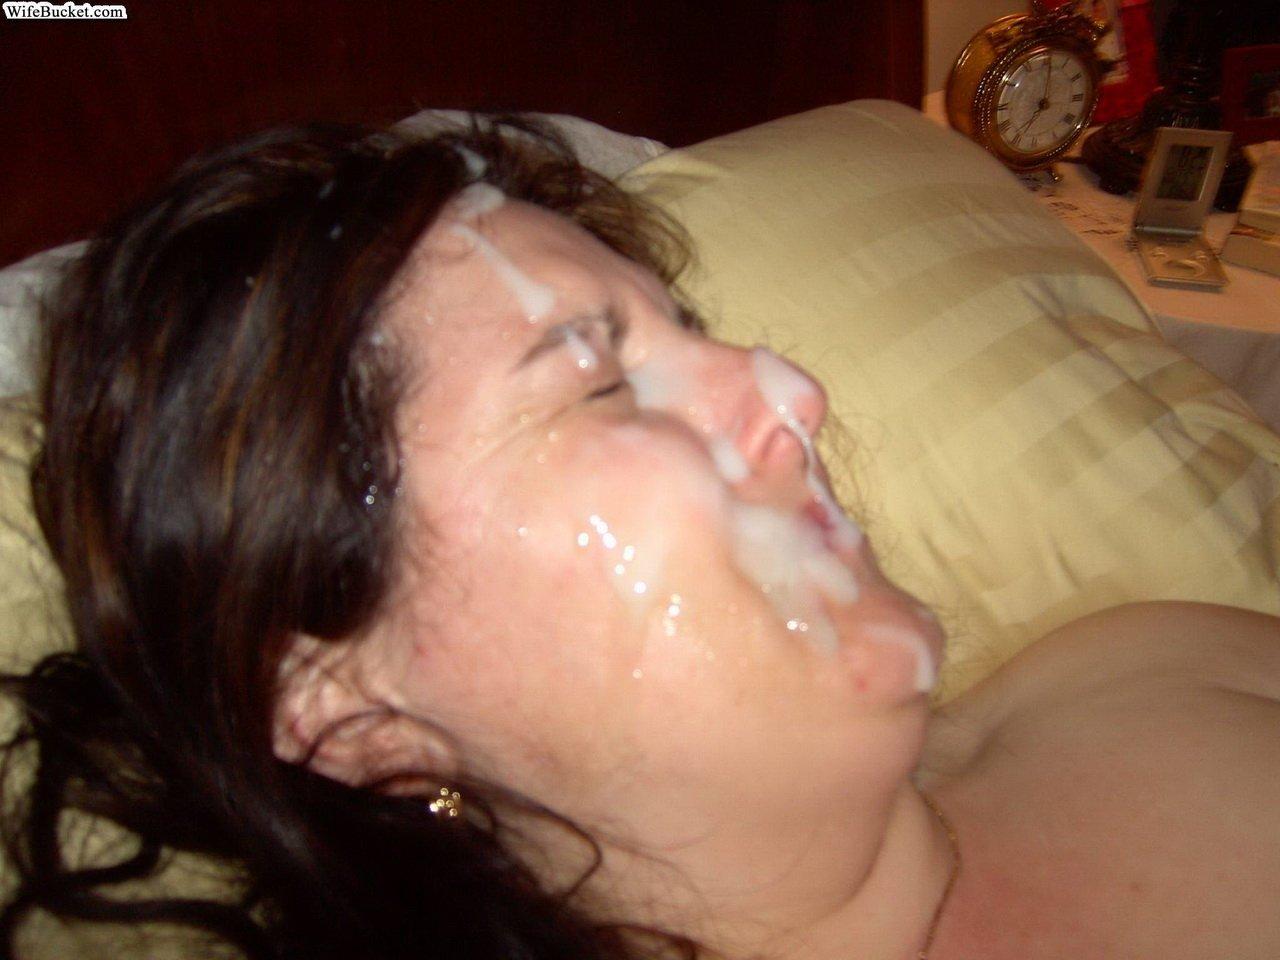 Сперма на женщине домашнее фото, Жены в сперме частное фото 8 фотография